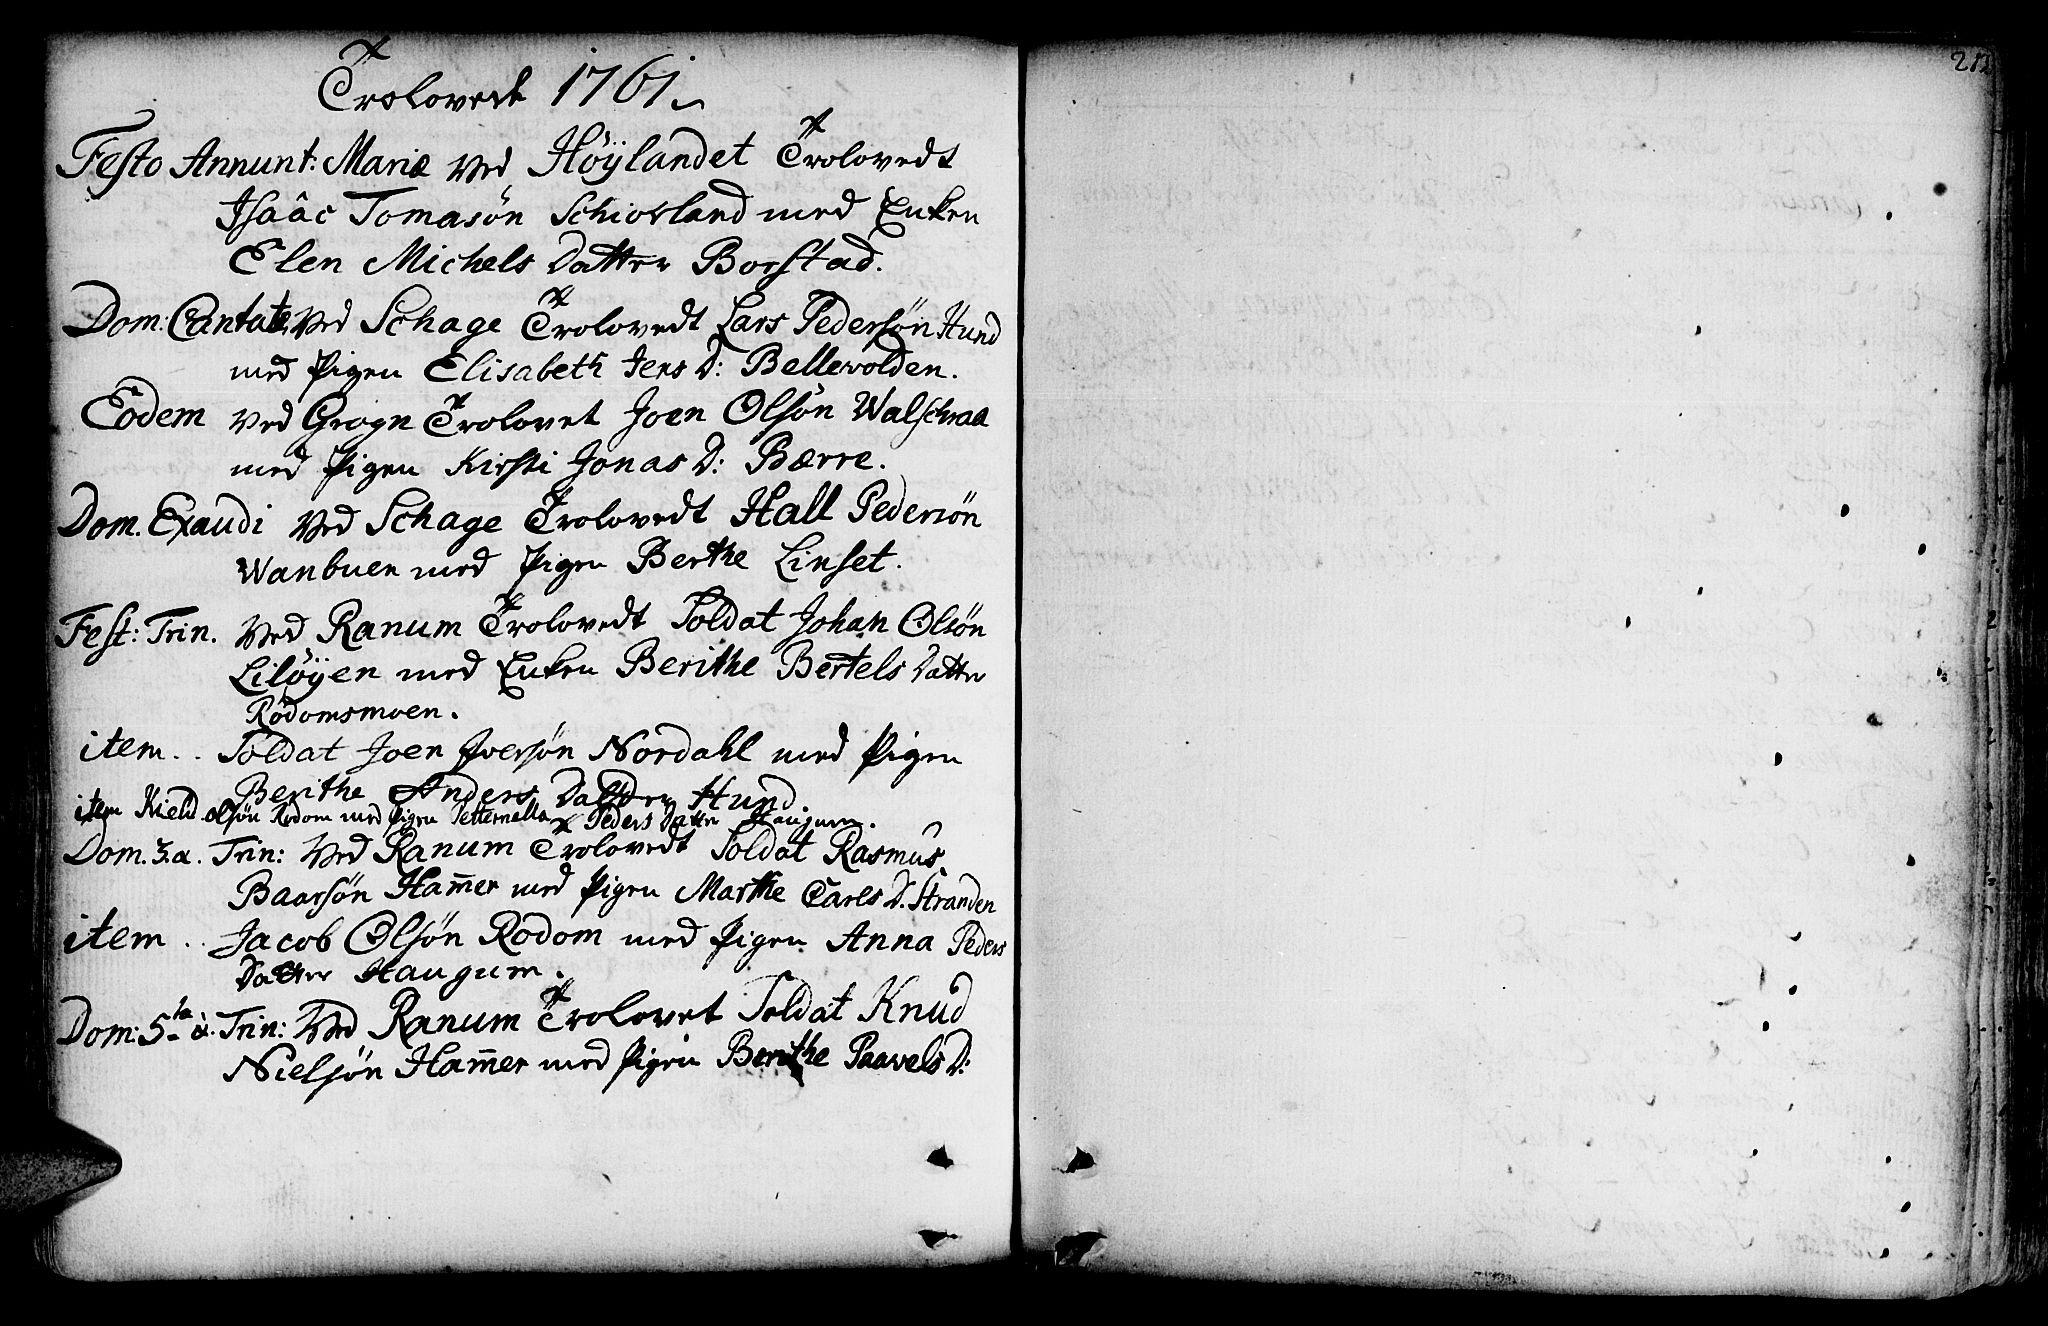 SAT, Ministerialprotokoller, klokkerbøker og fødselsregistre - Nord-Trøndelag, 764/L0542: Ministerialbok nr. 764A02, 1748-1779, s. 213